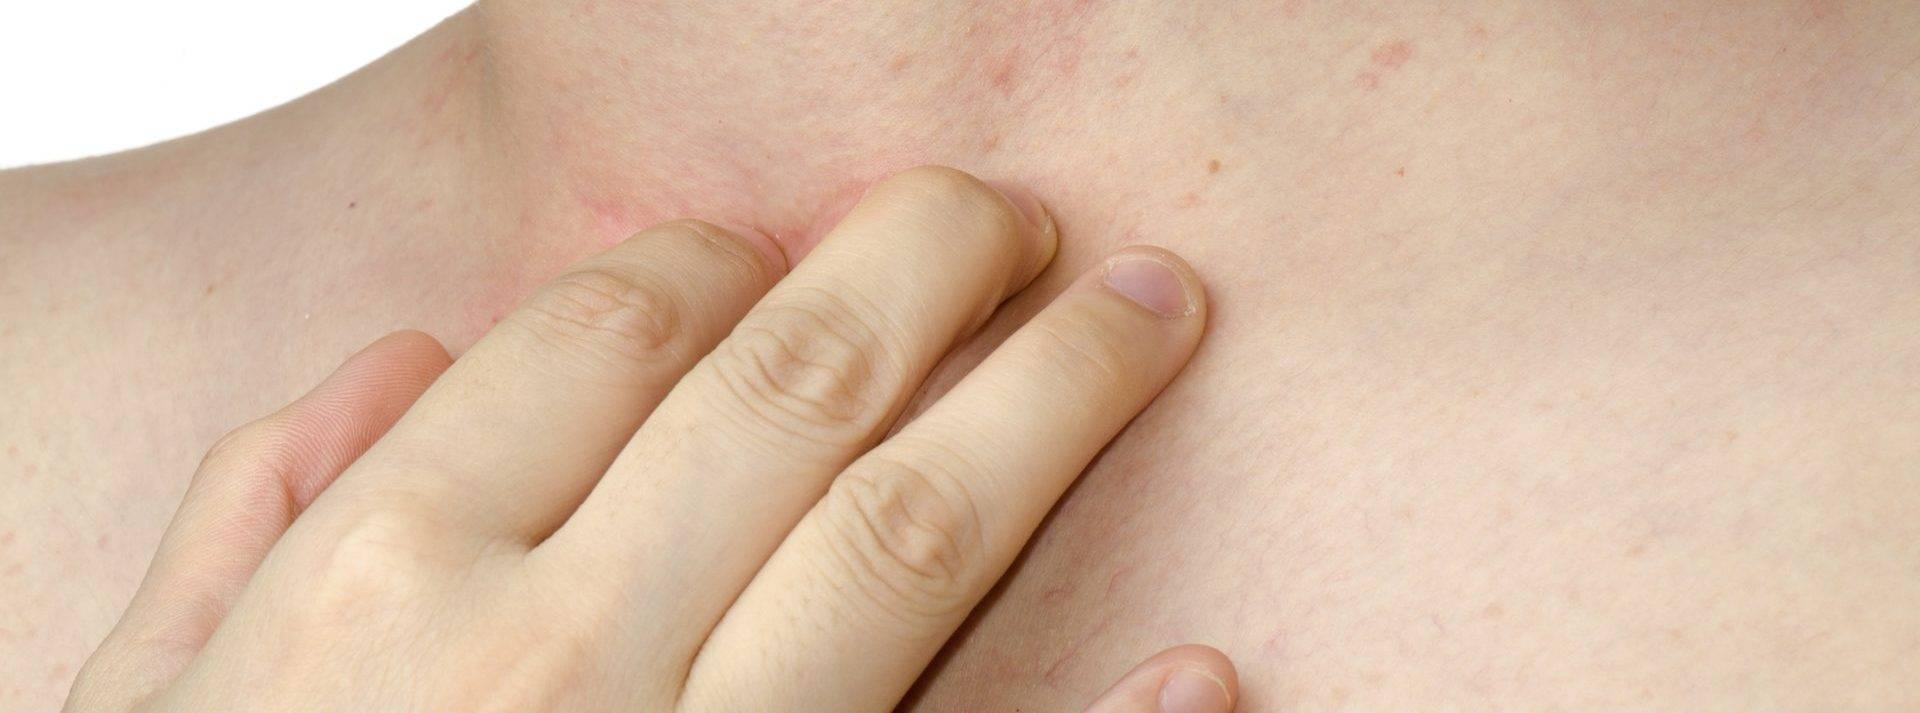 Чесотка— описание, симптомы, профилактика и лечение чесотки